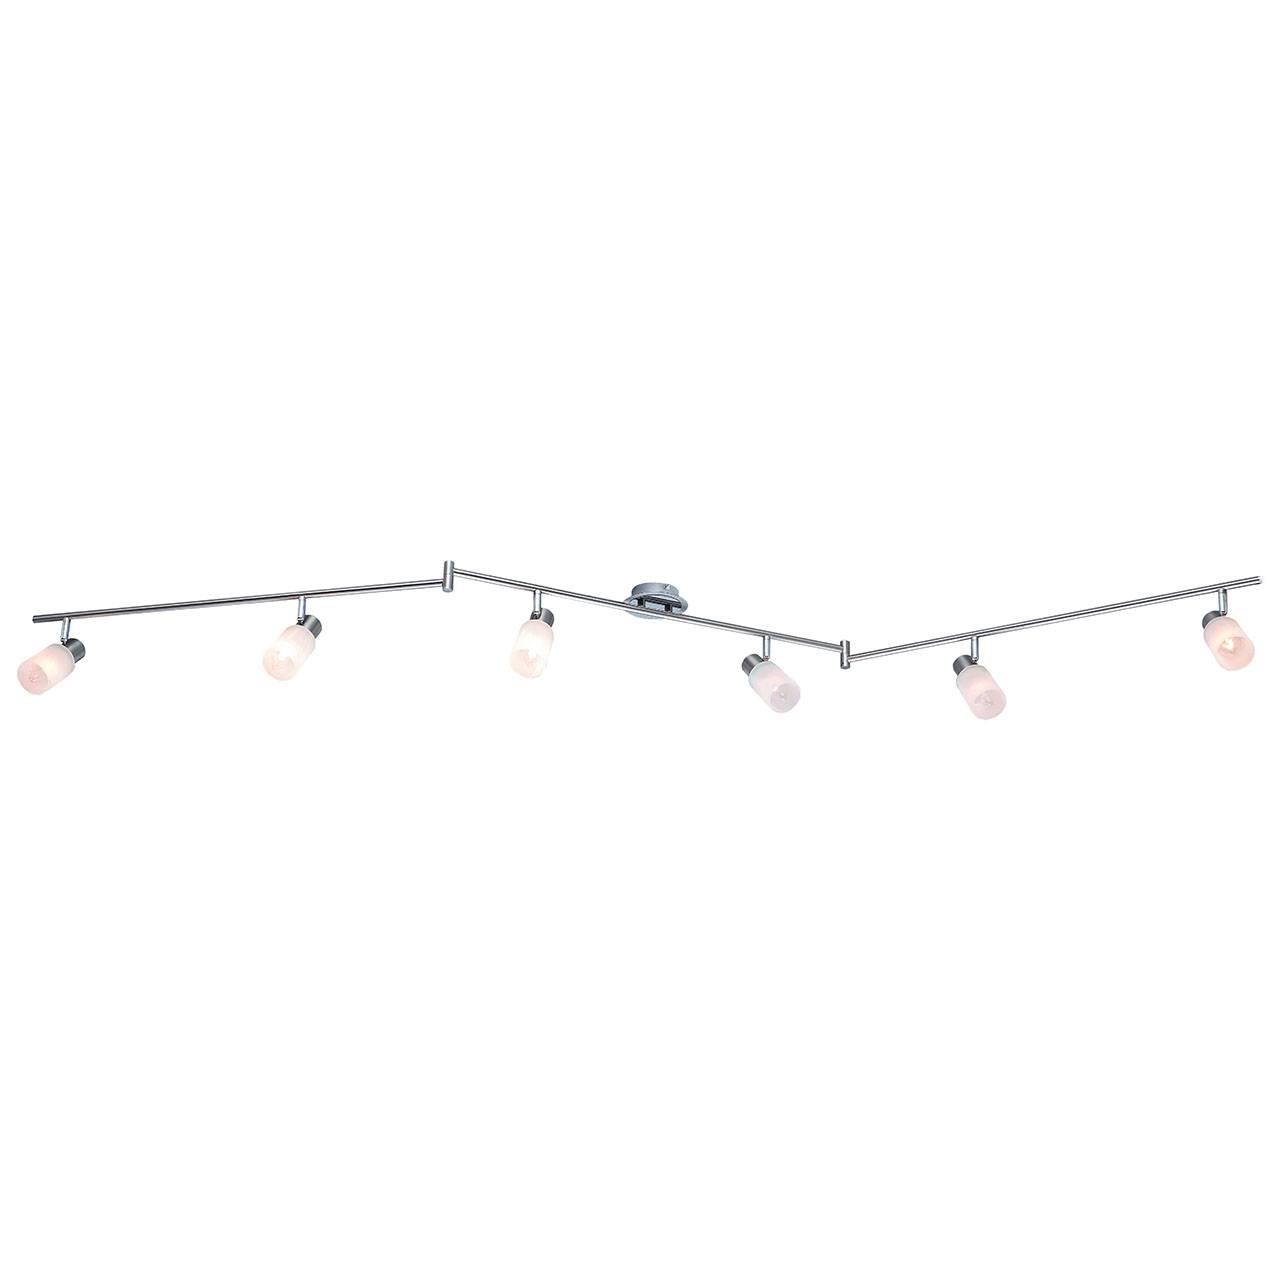 Настенно-потолочный светильник Arte Lamp, E14, 240 Вт